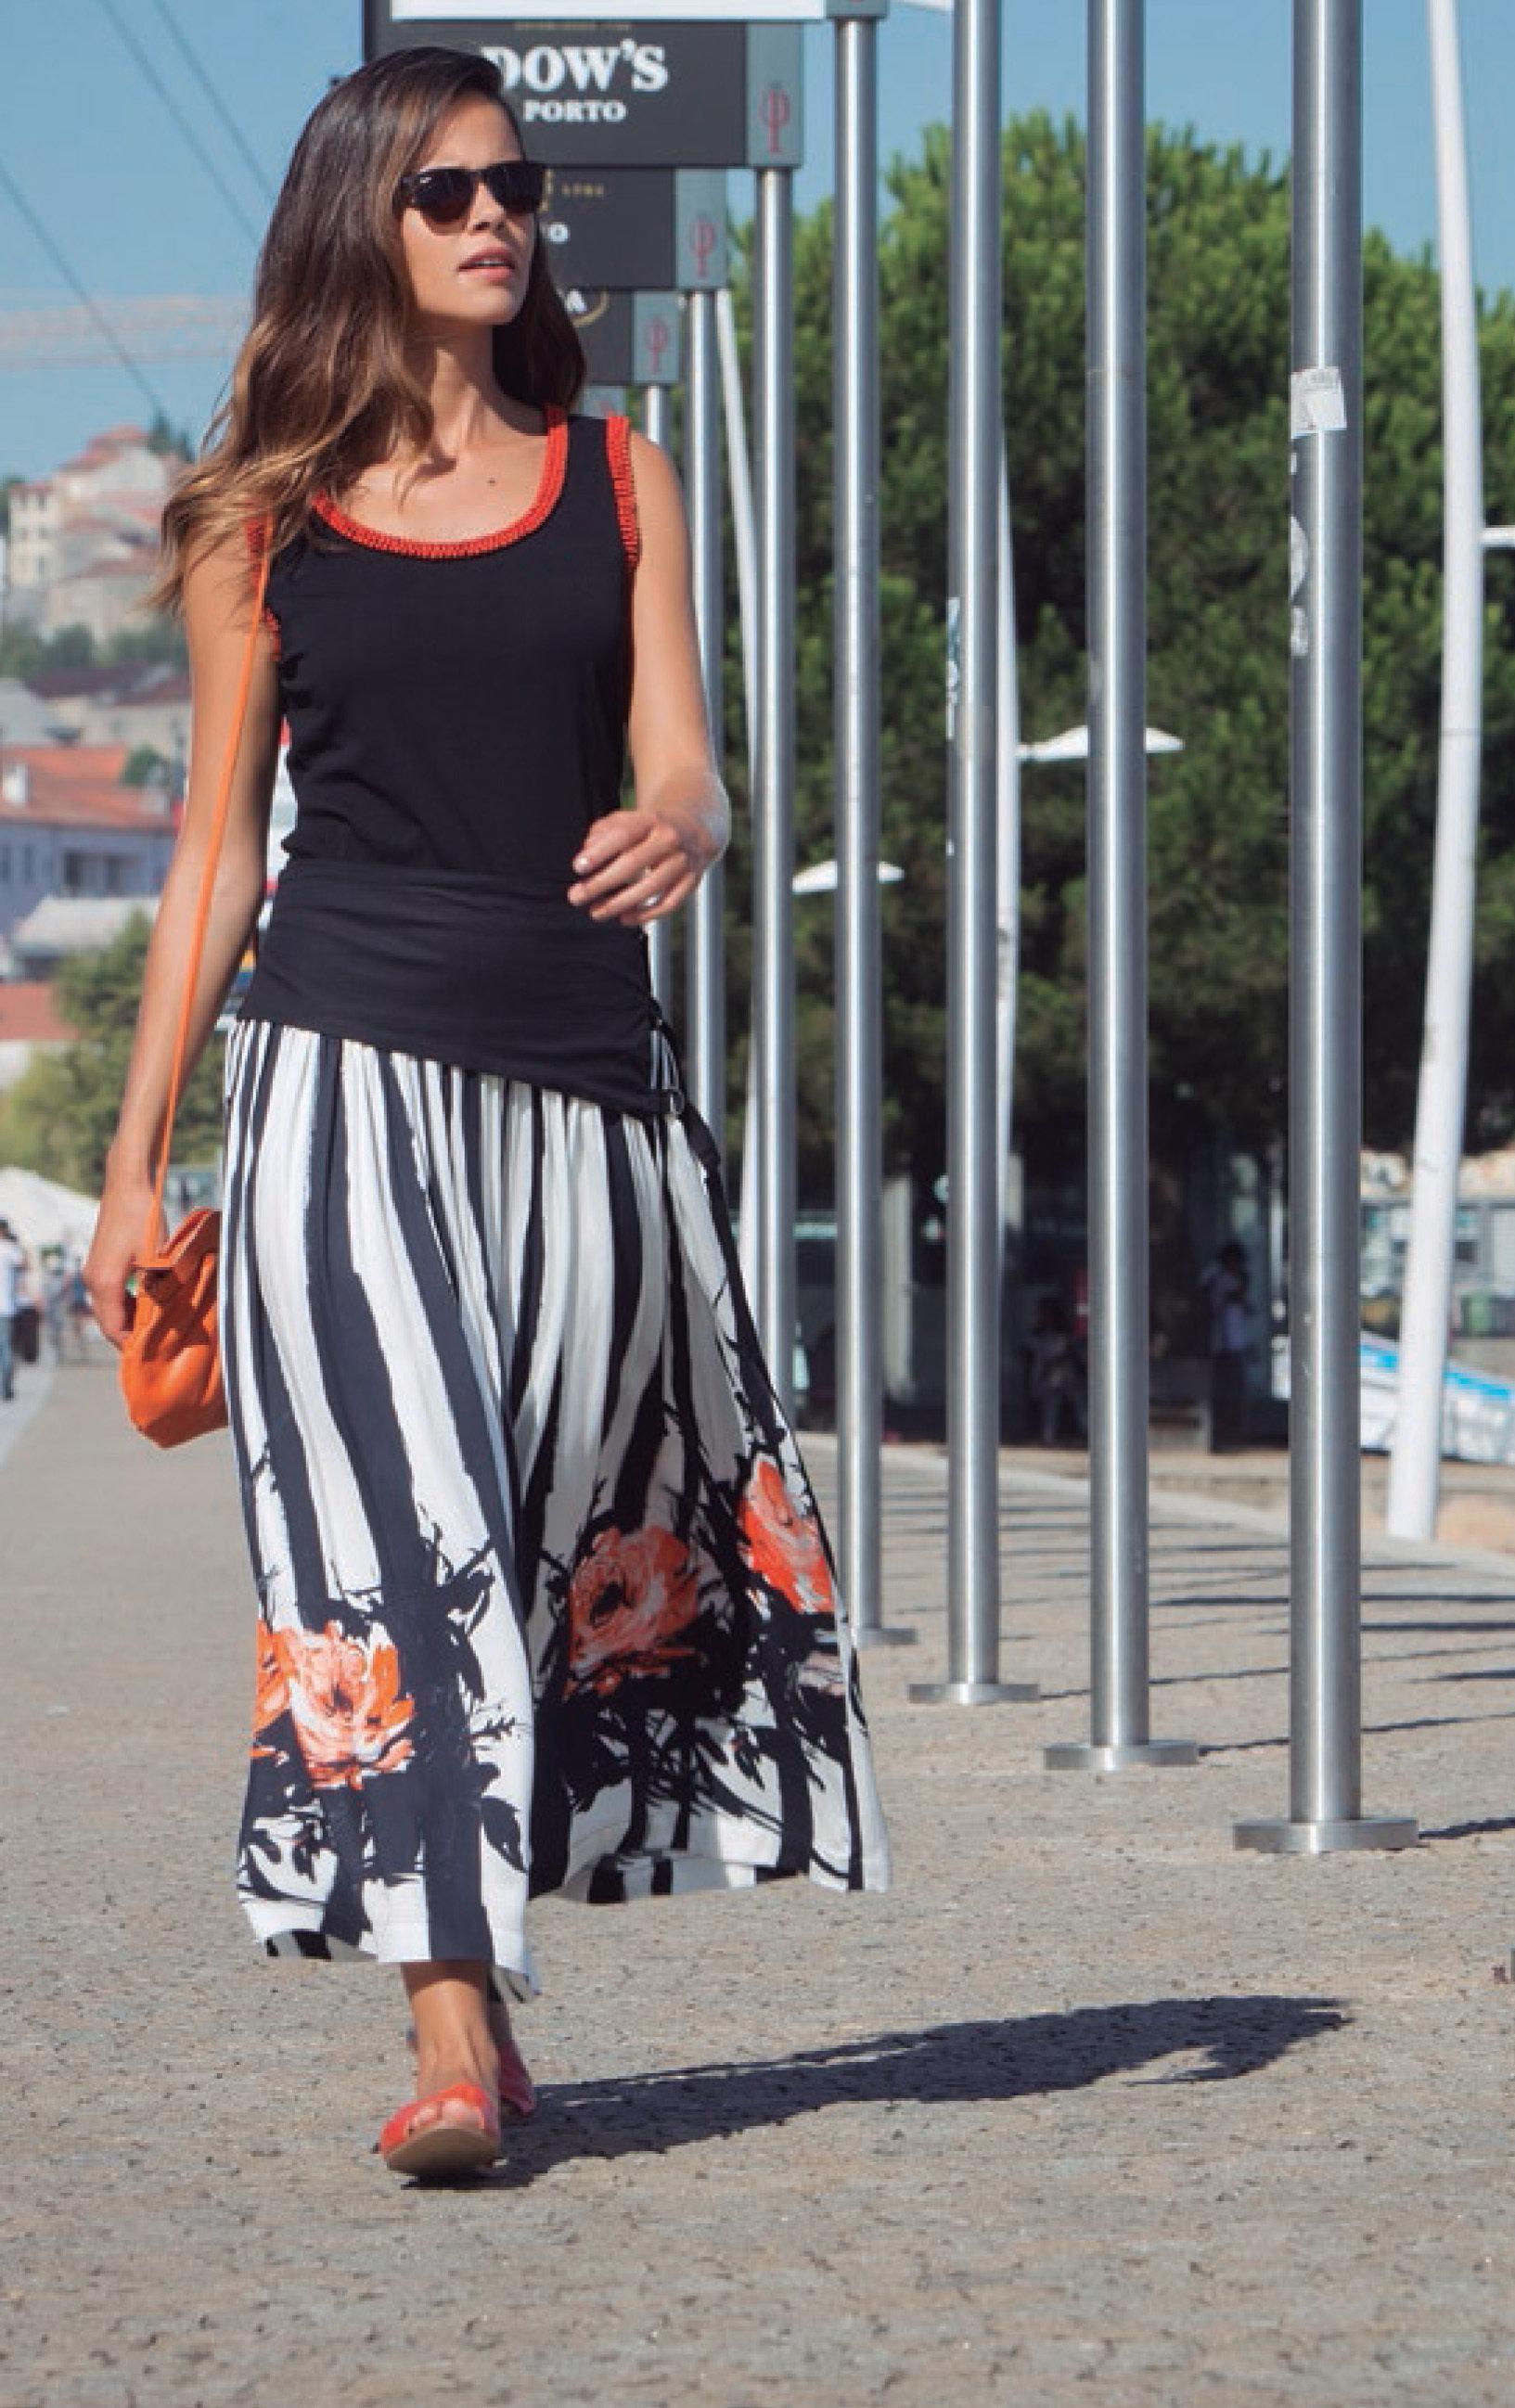 Paul Brial: Wild Orange Rose Corset Waist Flared Tuxedo Skirt (1 Left!)